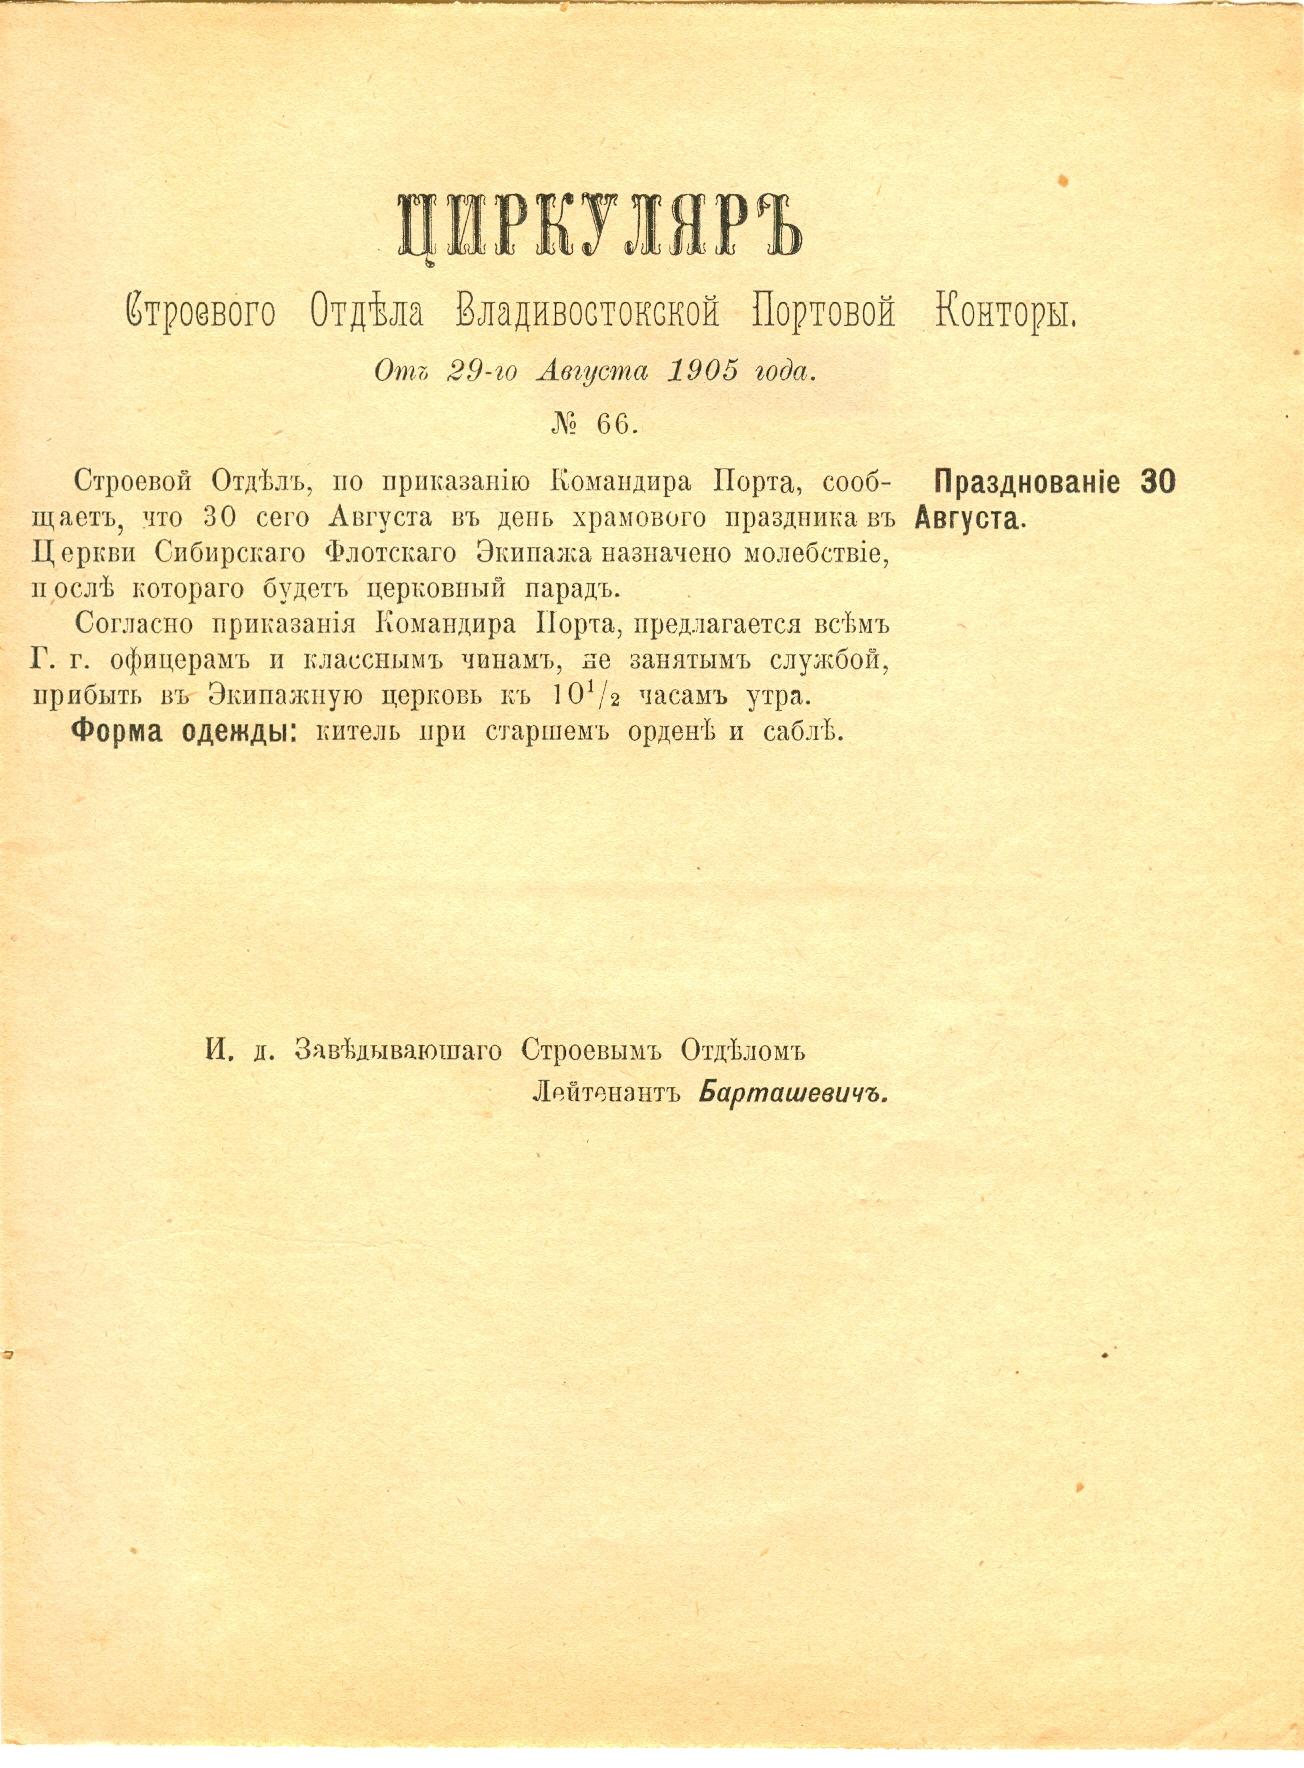 Циркуляр Строевого Отдела Владивостокской Портовой Конторы № 66